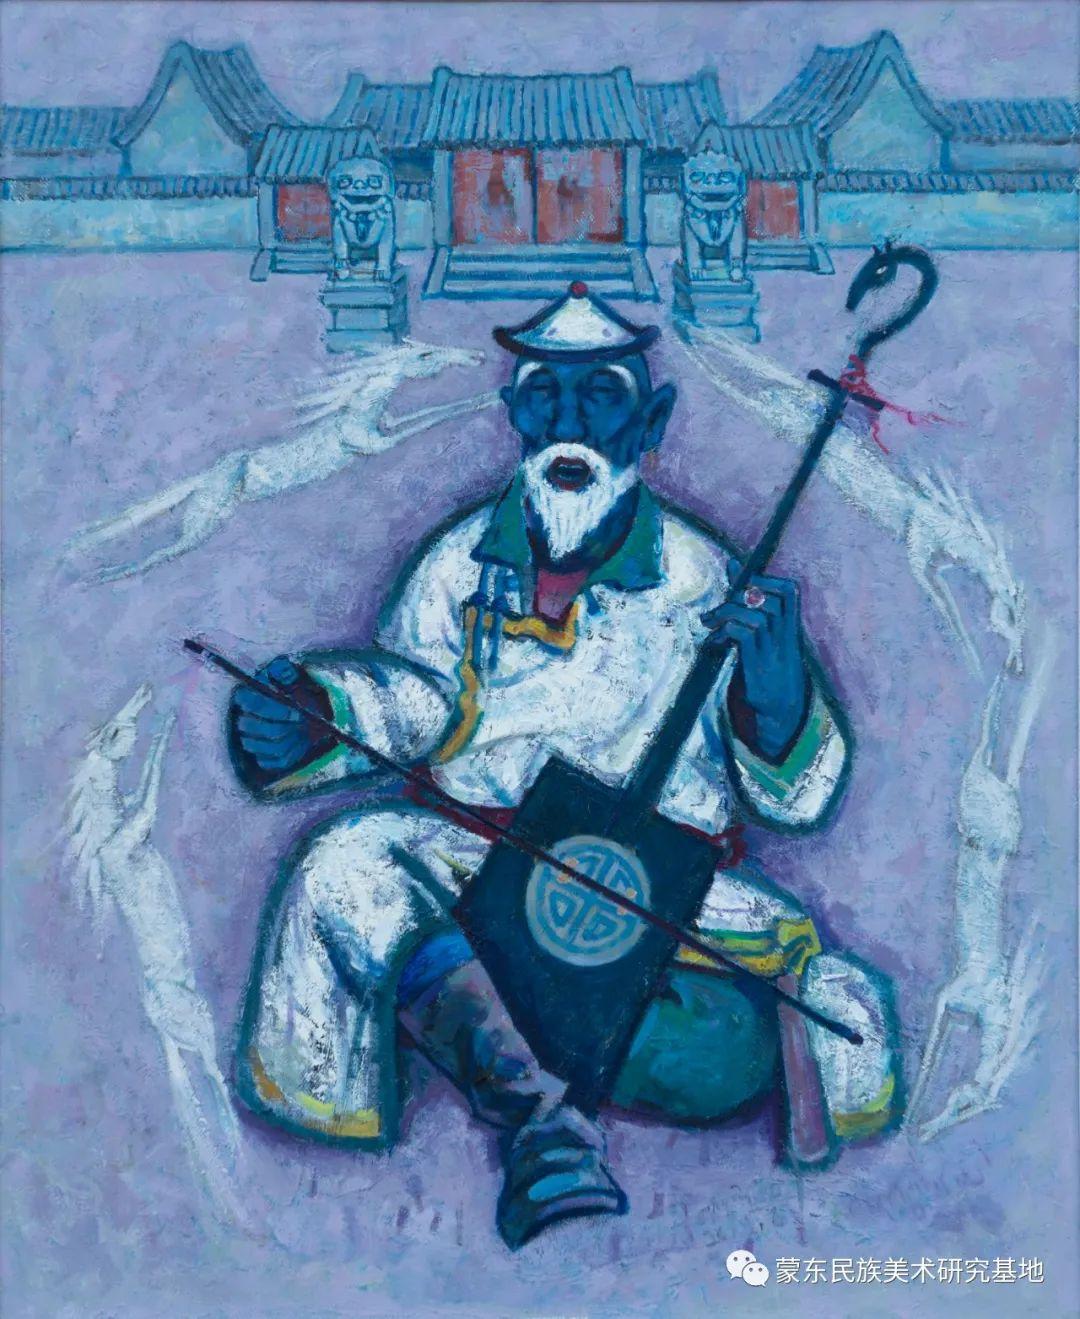 科尔沁首届油画展作品集 第64张 科尔沁首届油画展作品集 蒙古画廊